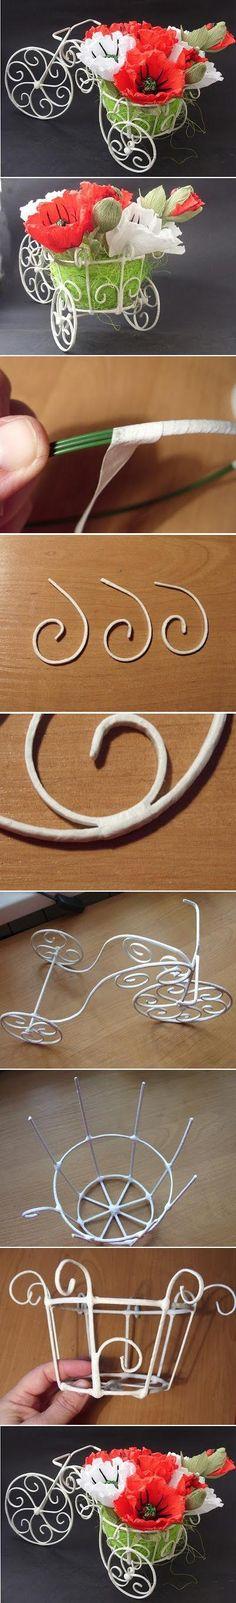 Triciclo para flores. Te traemos esta técnica de artesanía en su máxima expresión, en virtud de que el triciclo puedes realizarlo totalmente manual, solo con ayuda de algunas pinzas para cortar alambre y tijeras. wp.me/p1ytFq-Ma